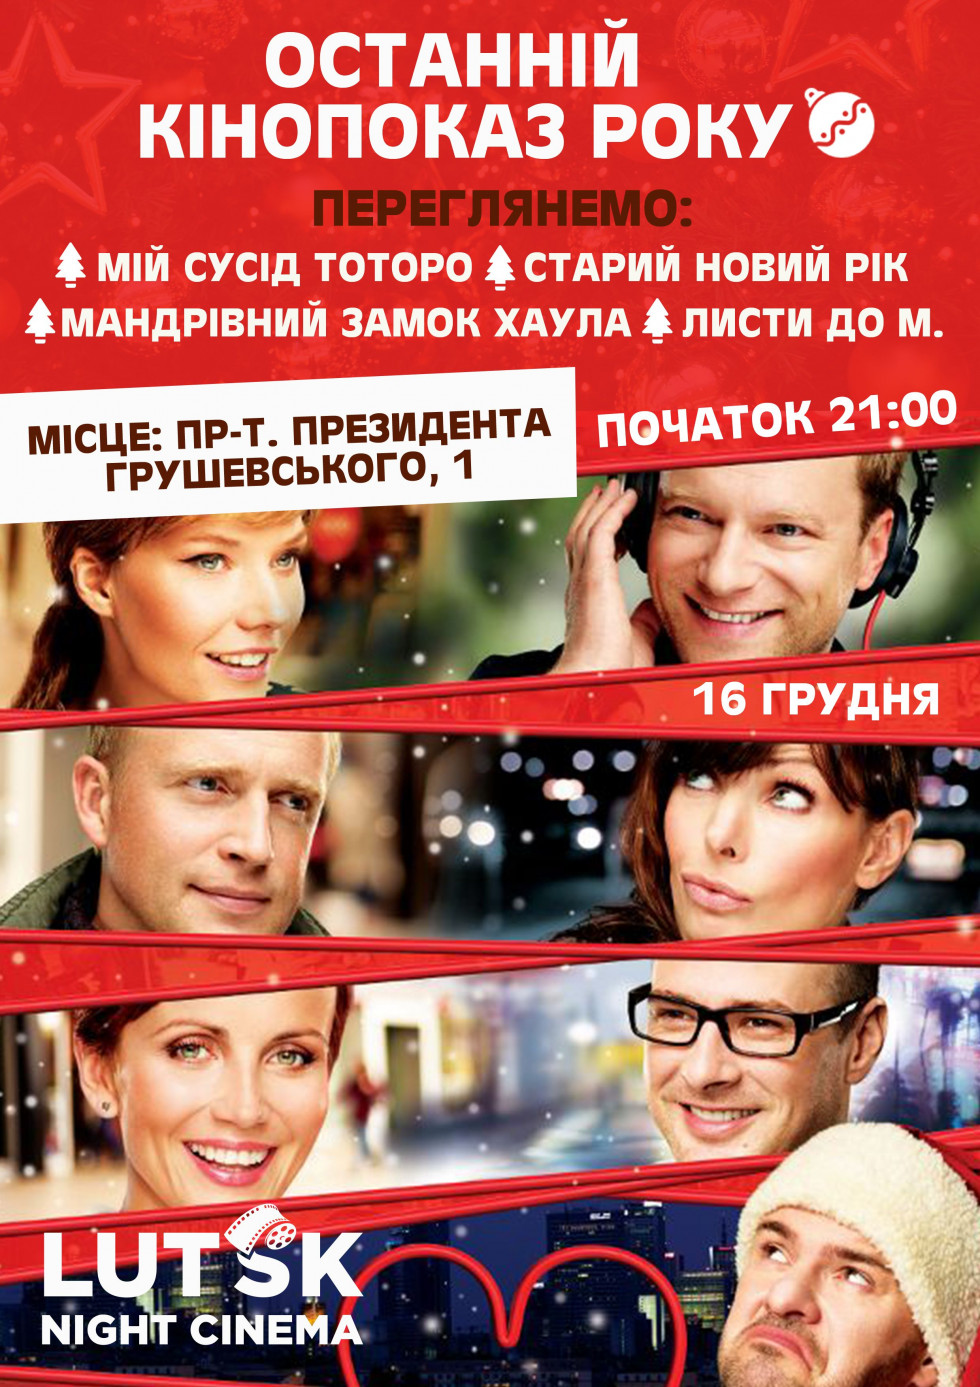 Крутити фільми в бібліотеці на Президента Грушевського, 1